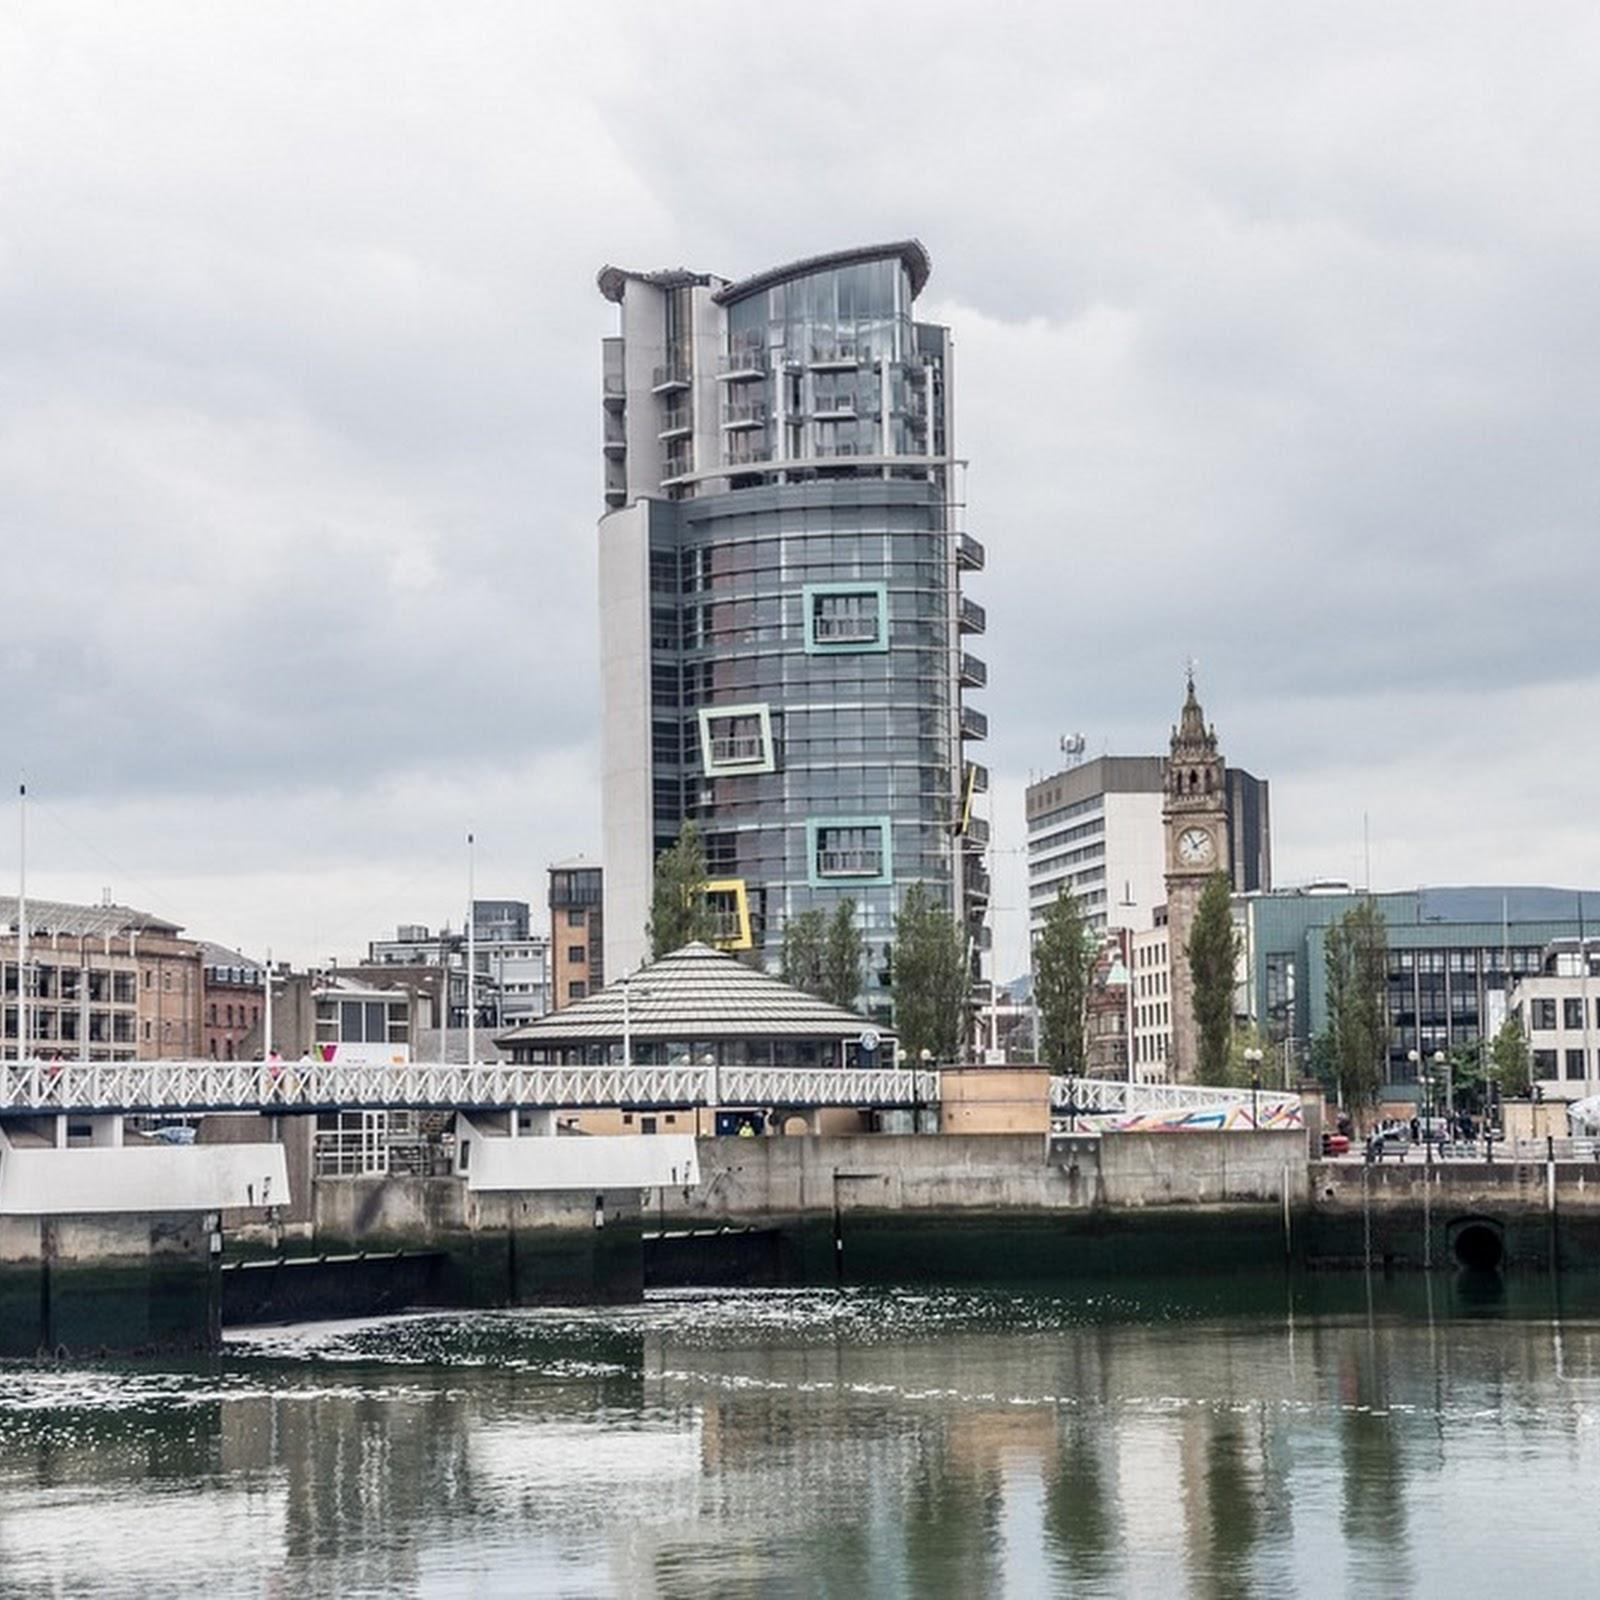 River Farset: Belfast's Forgotten River